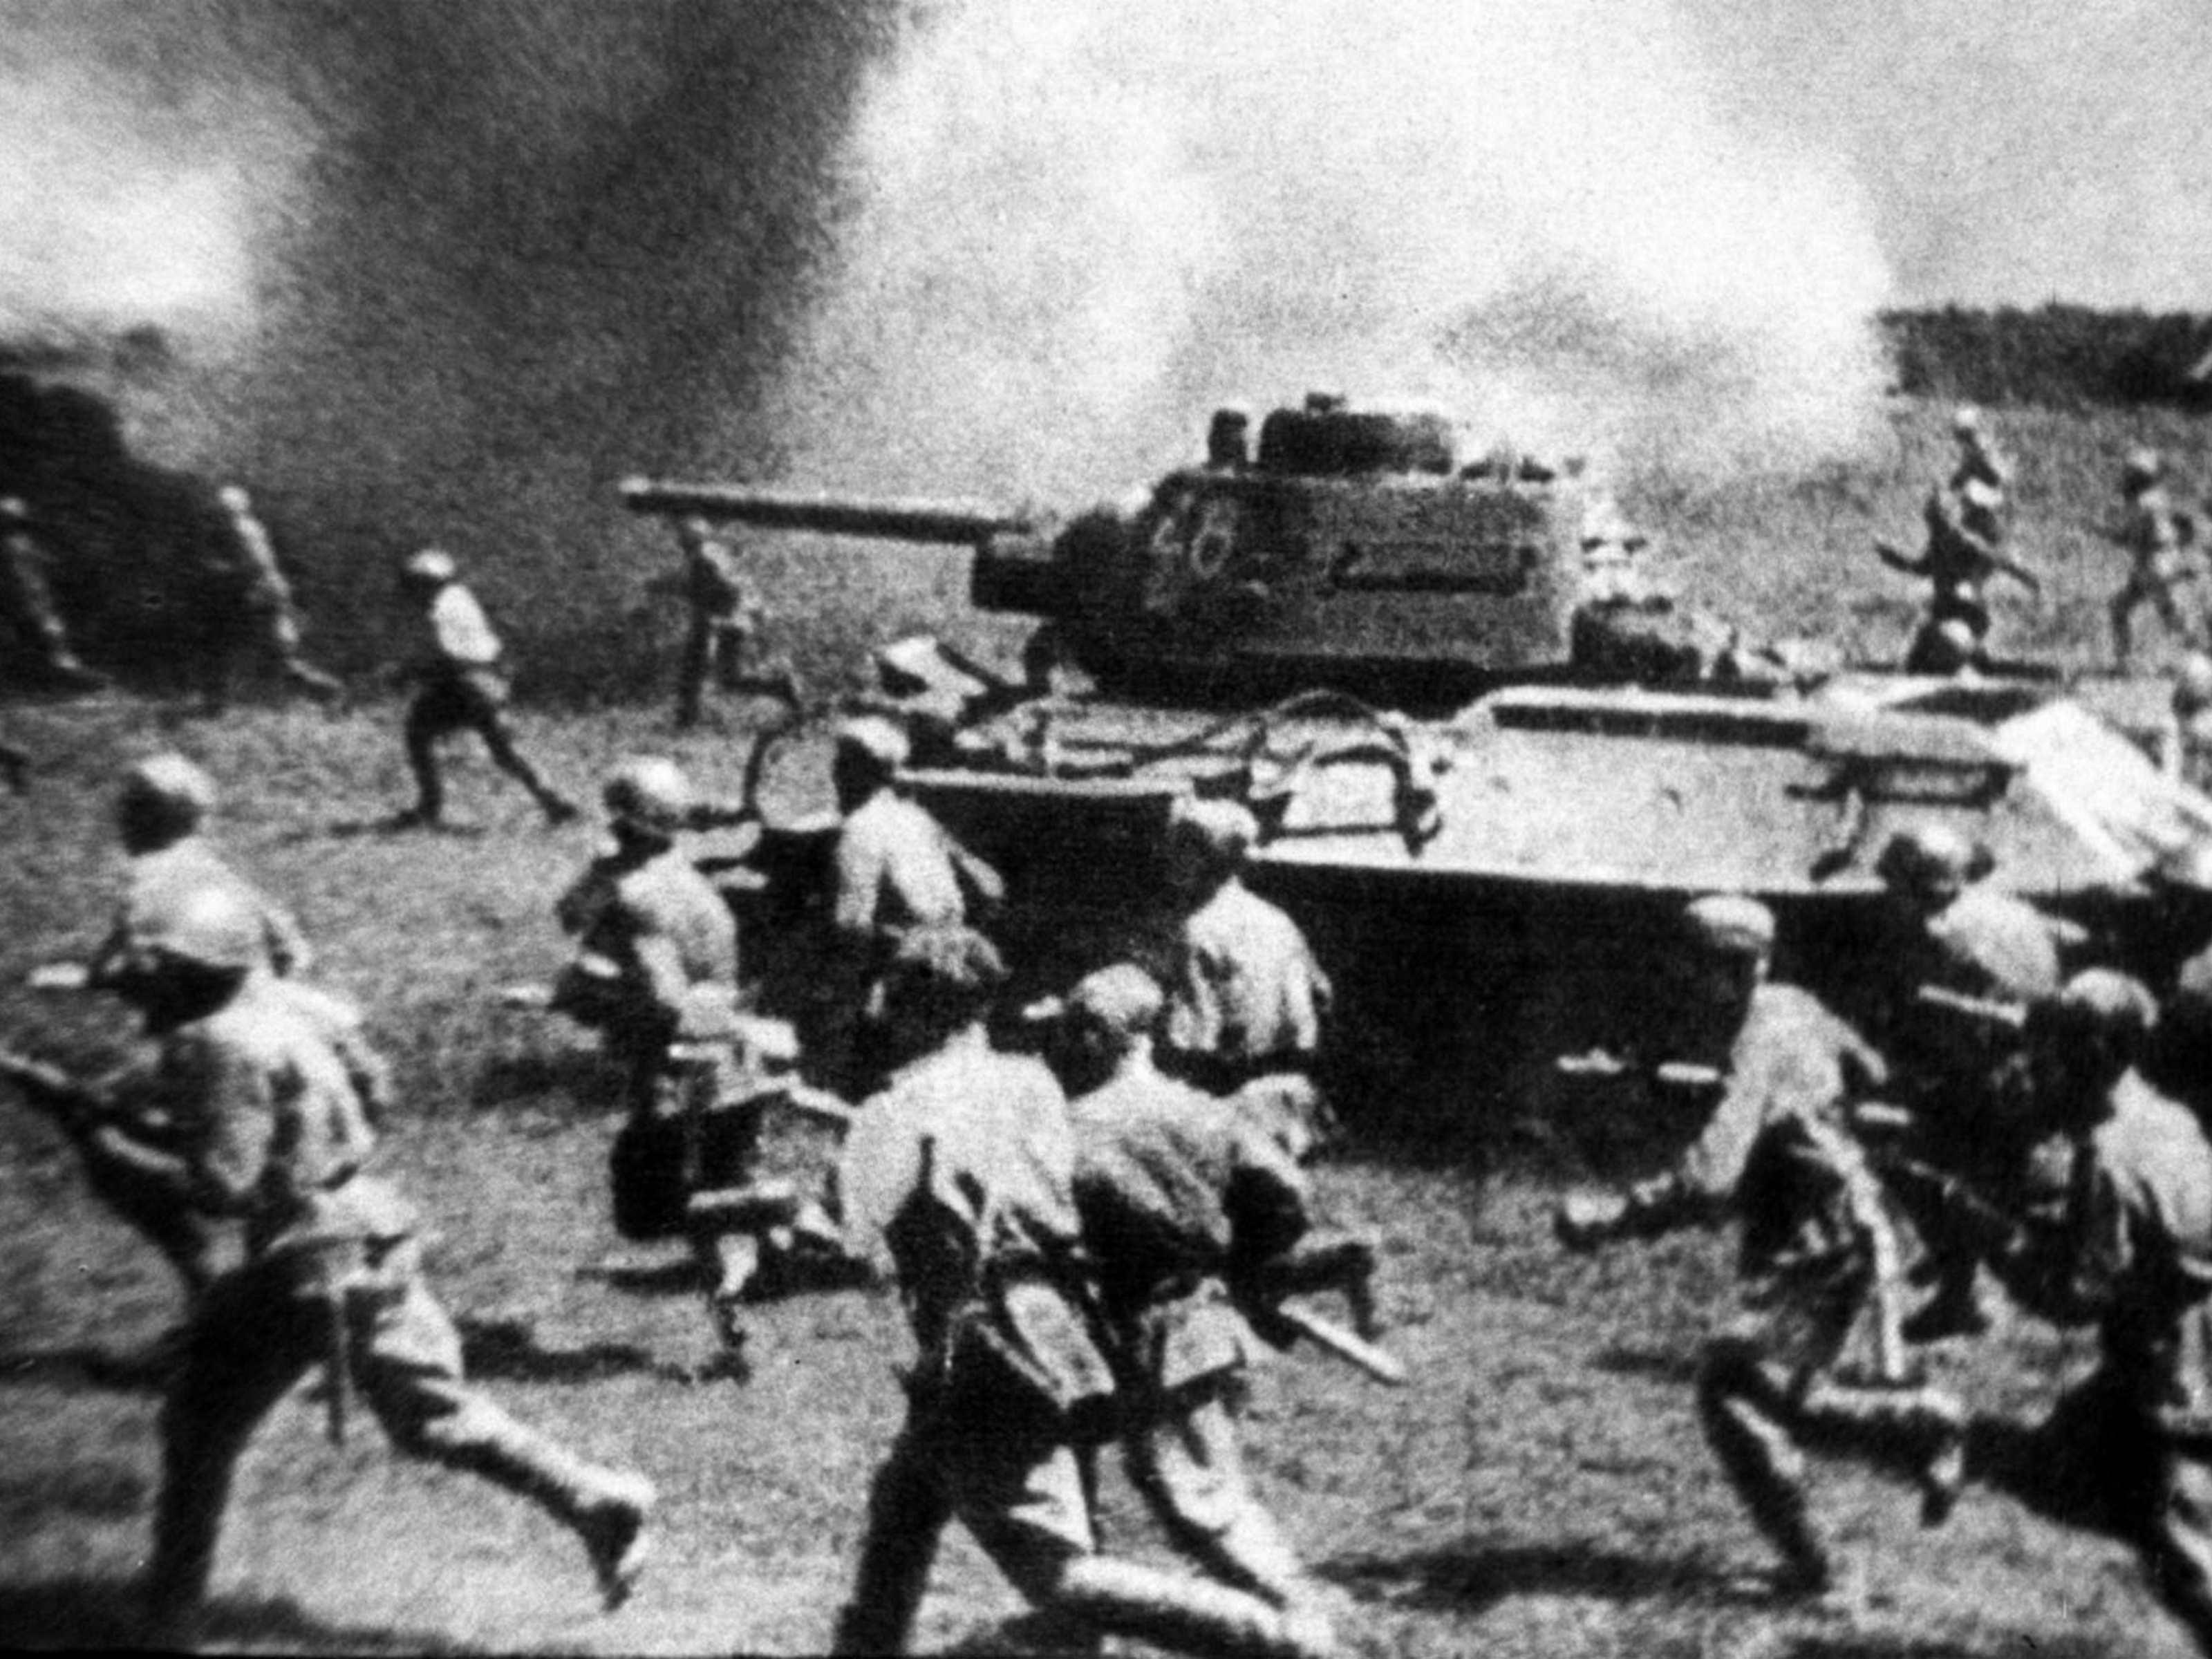 La ofensiva soviética en cercanías de Kursk, 1943. Foto del archivo de ITAR-TASS